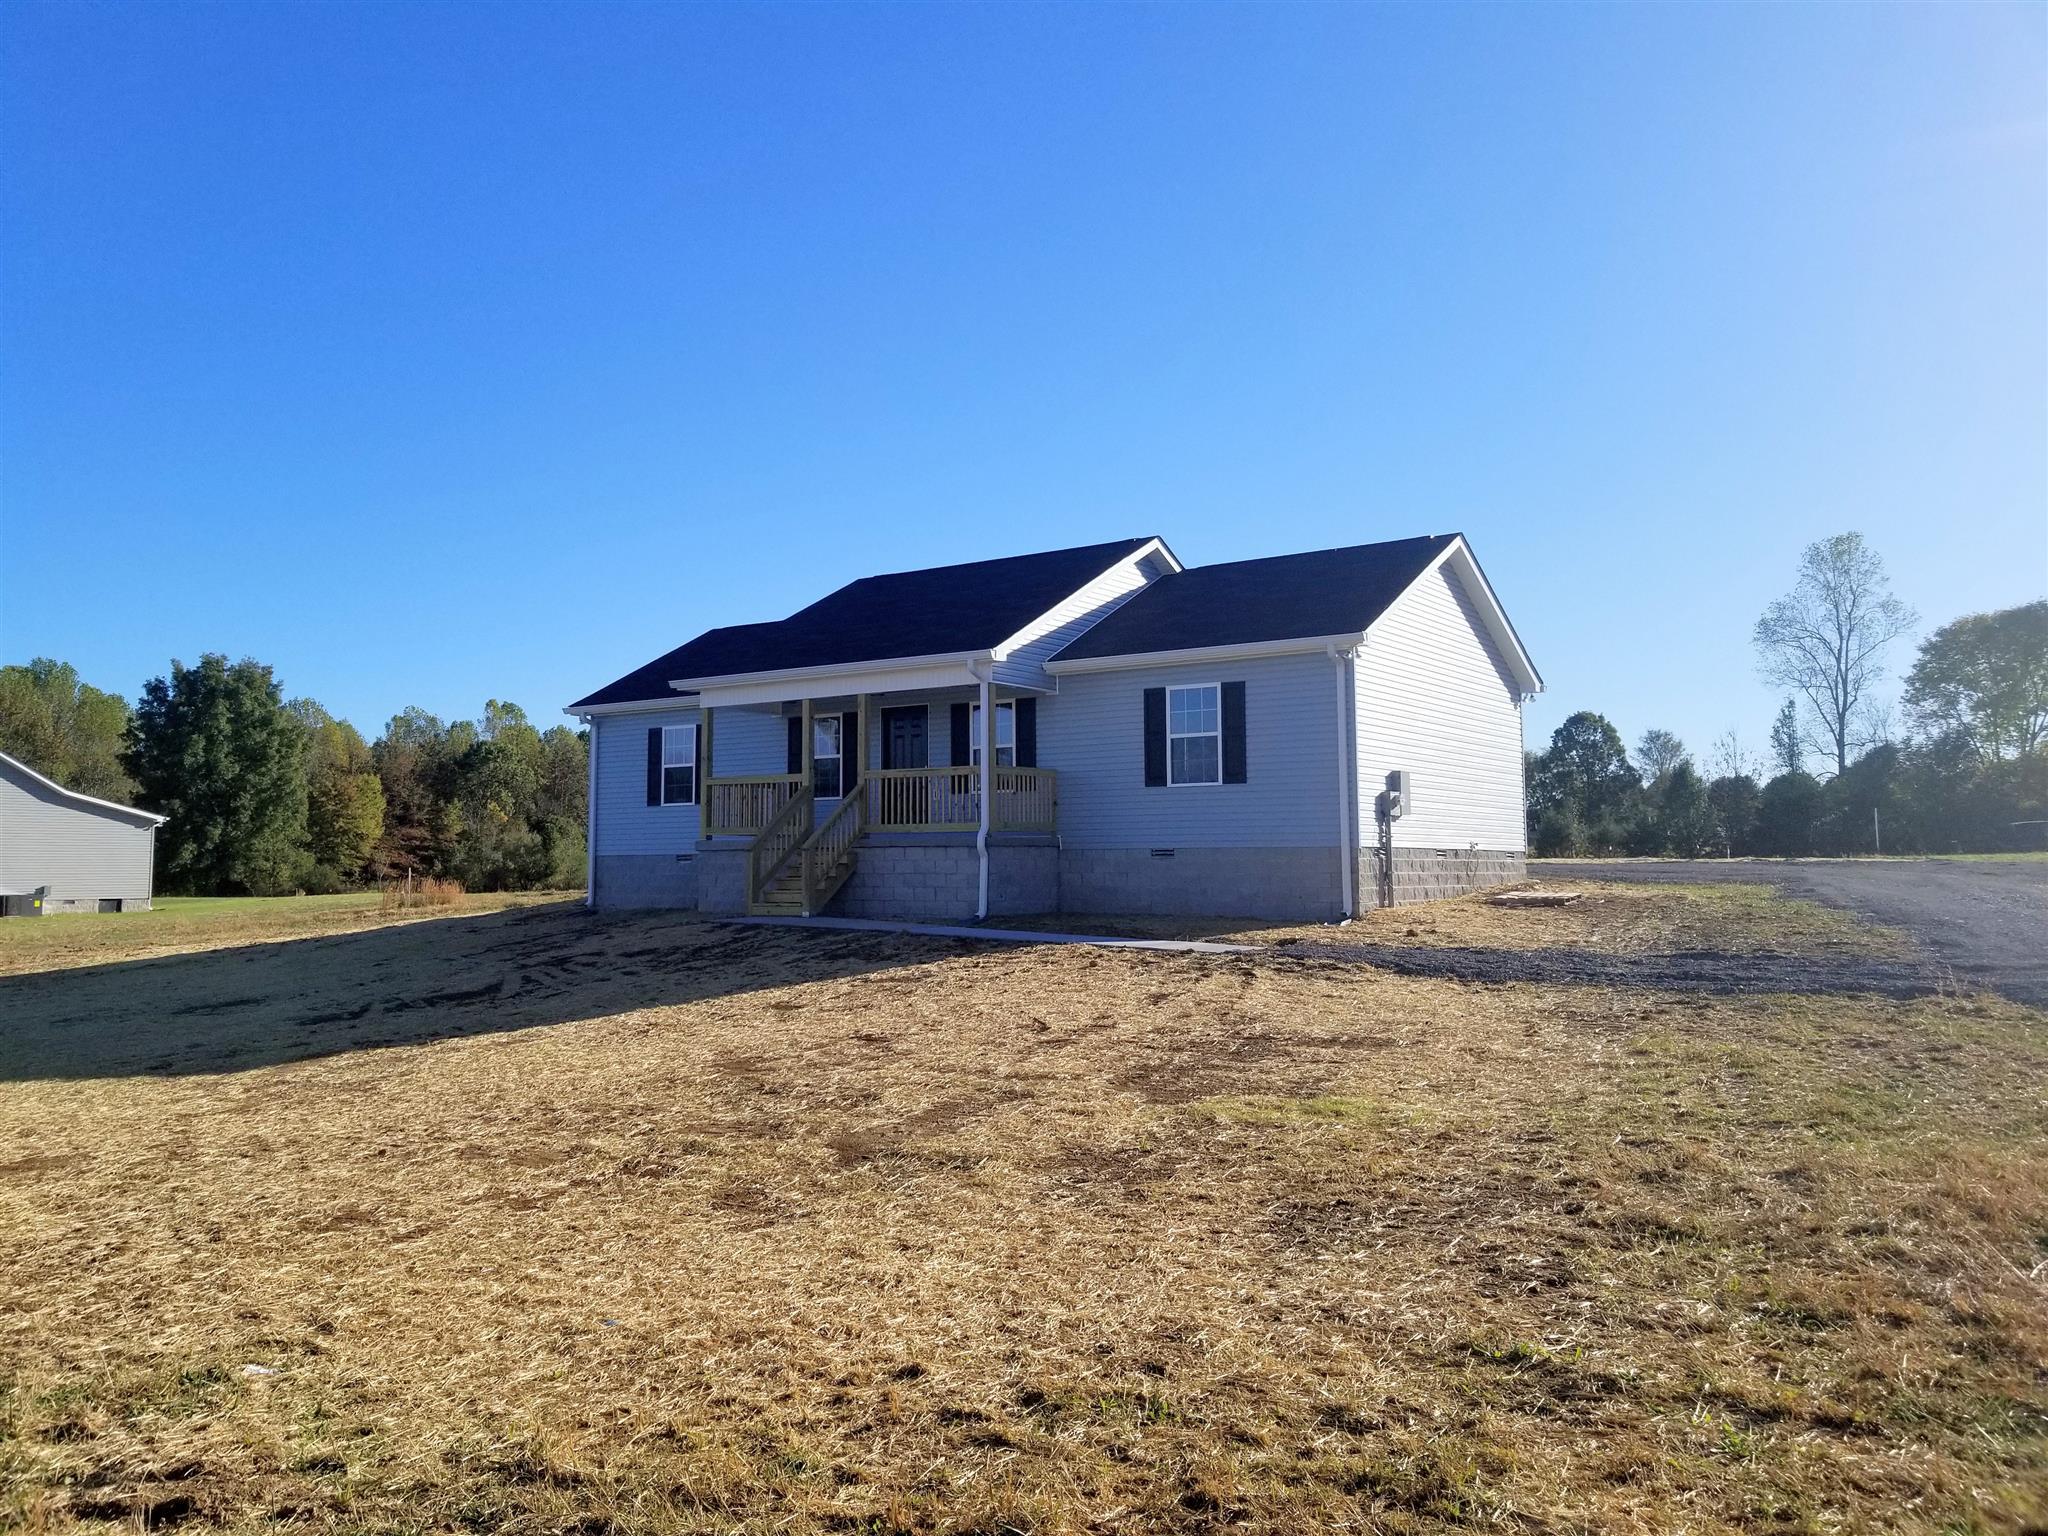 96 Lonnie Smith Rd, Woodbury, TN 37190 - Woodbury, TN real estate listing